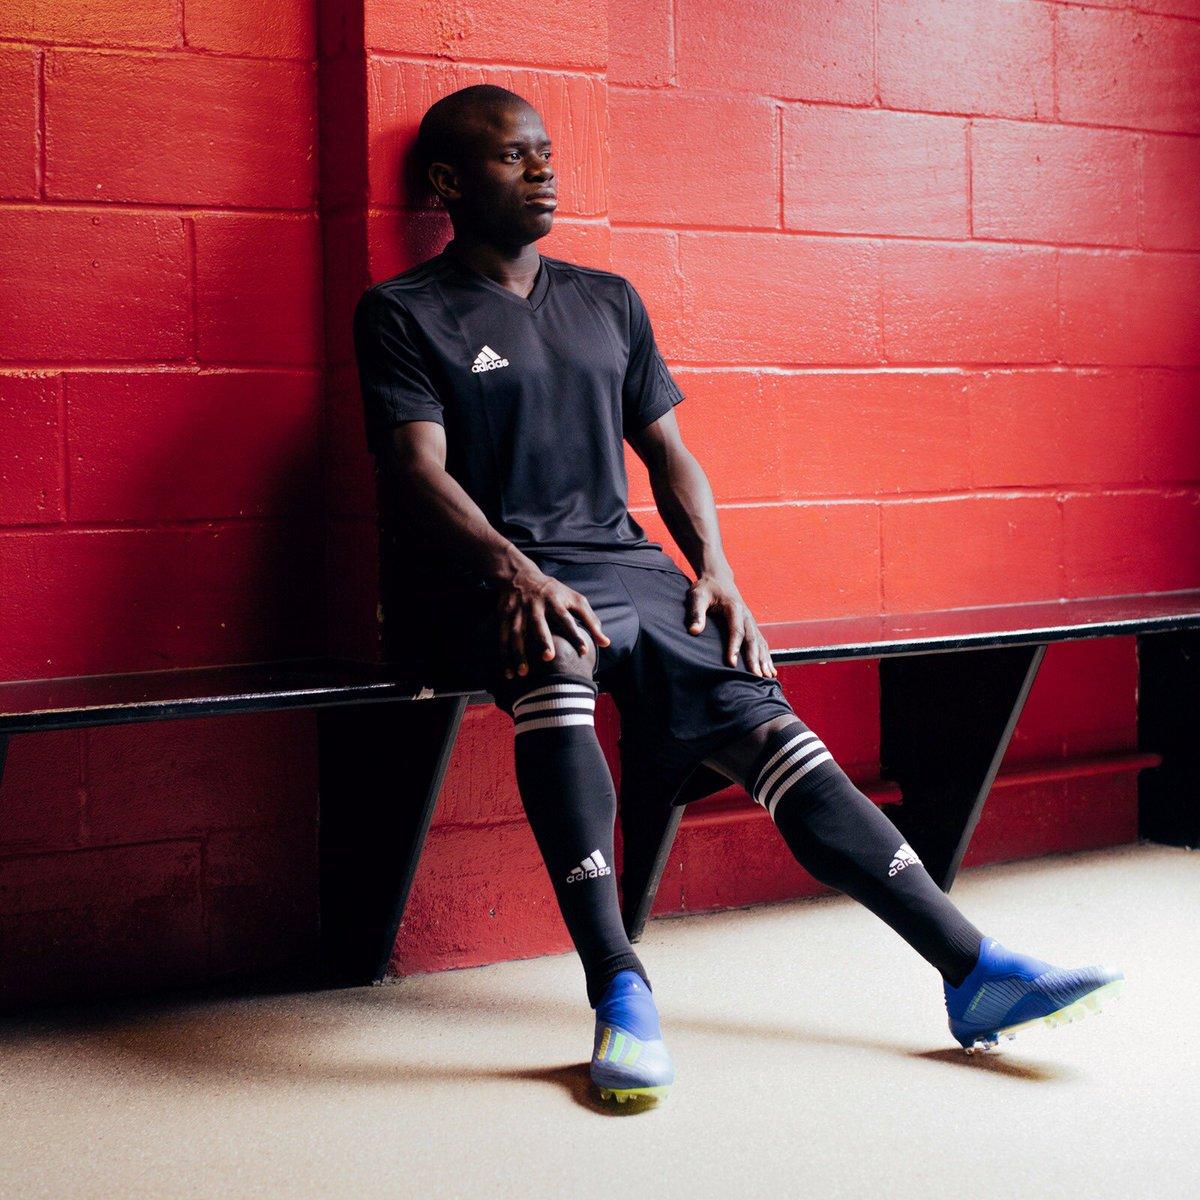 Demain c'est le grand jour pour nous tous. Concentré et prêt à porter haut nos couleurs. 🇫🇷 #X18 @adidasfootball @adidasparis #HereToCreate